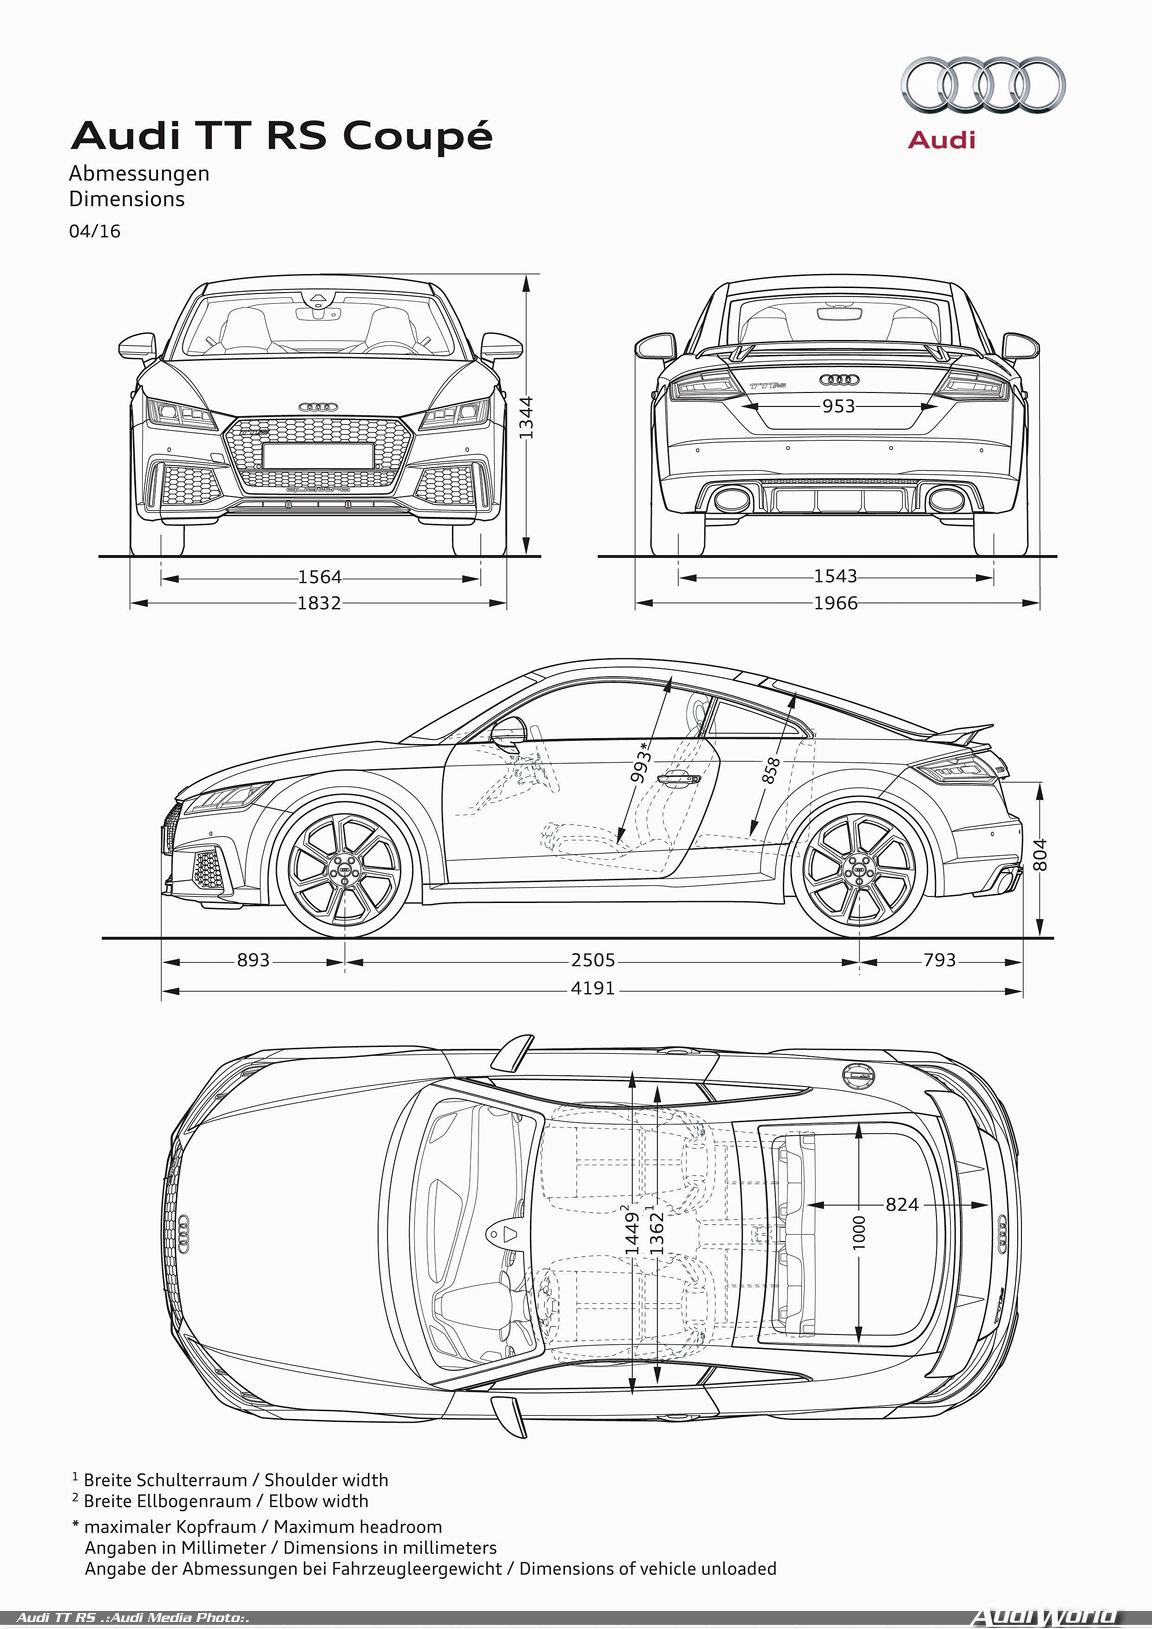 Audi Ttrs Coupe 42